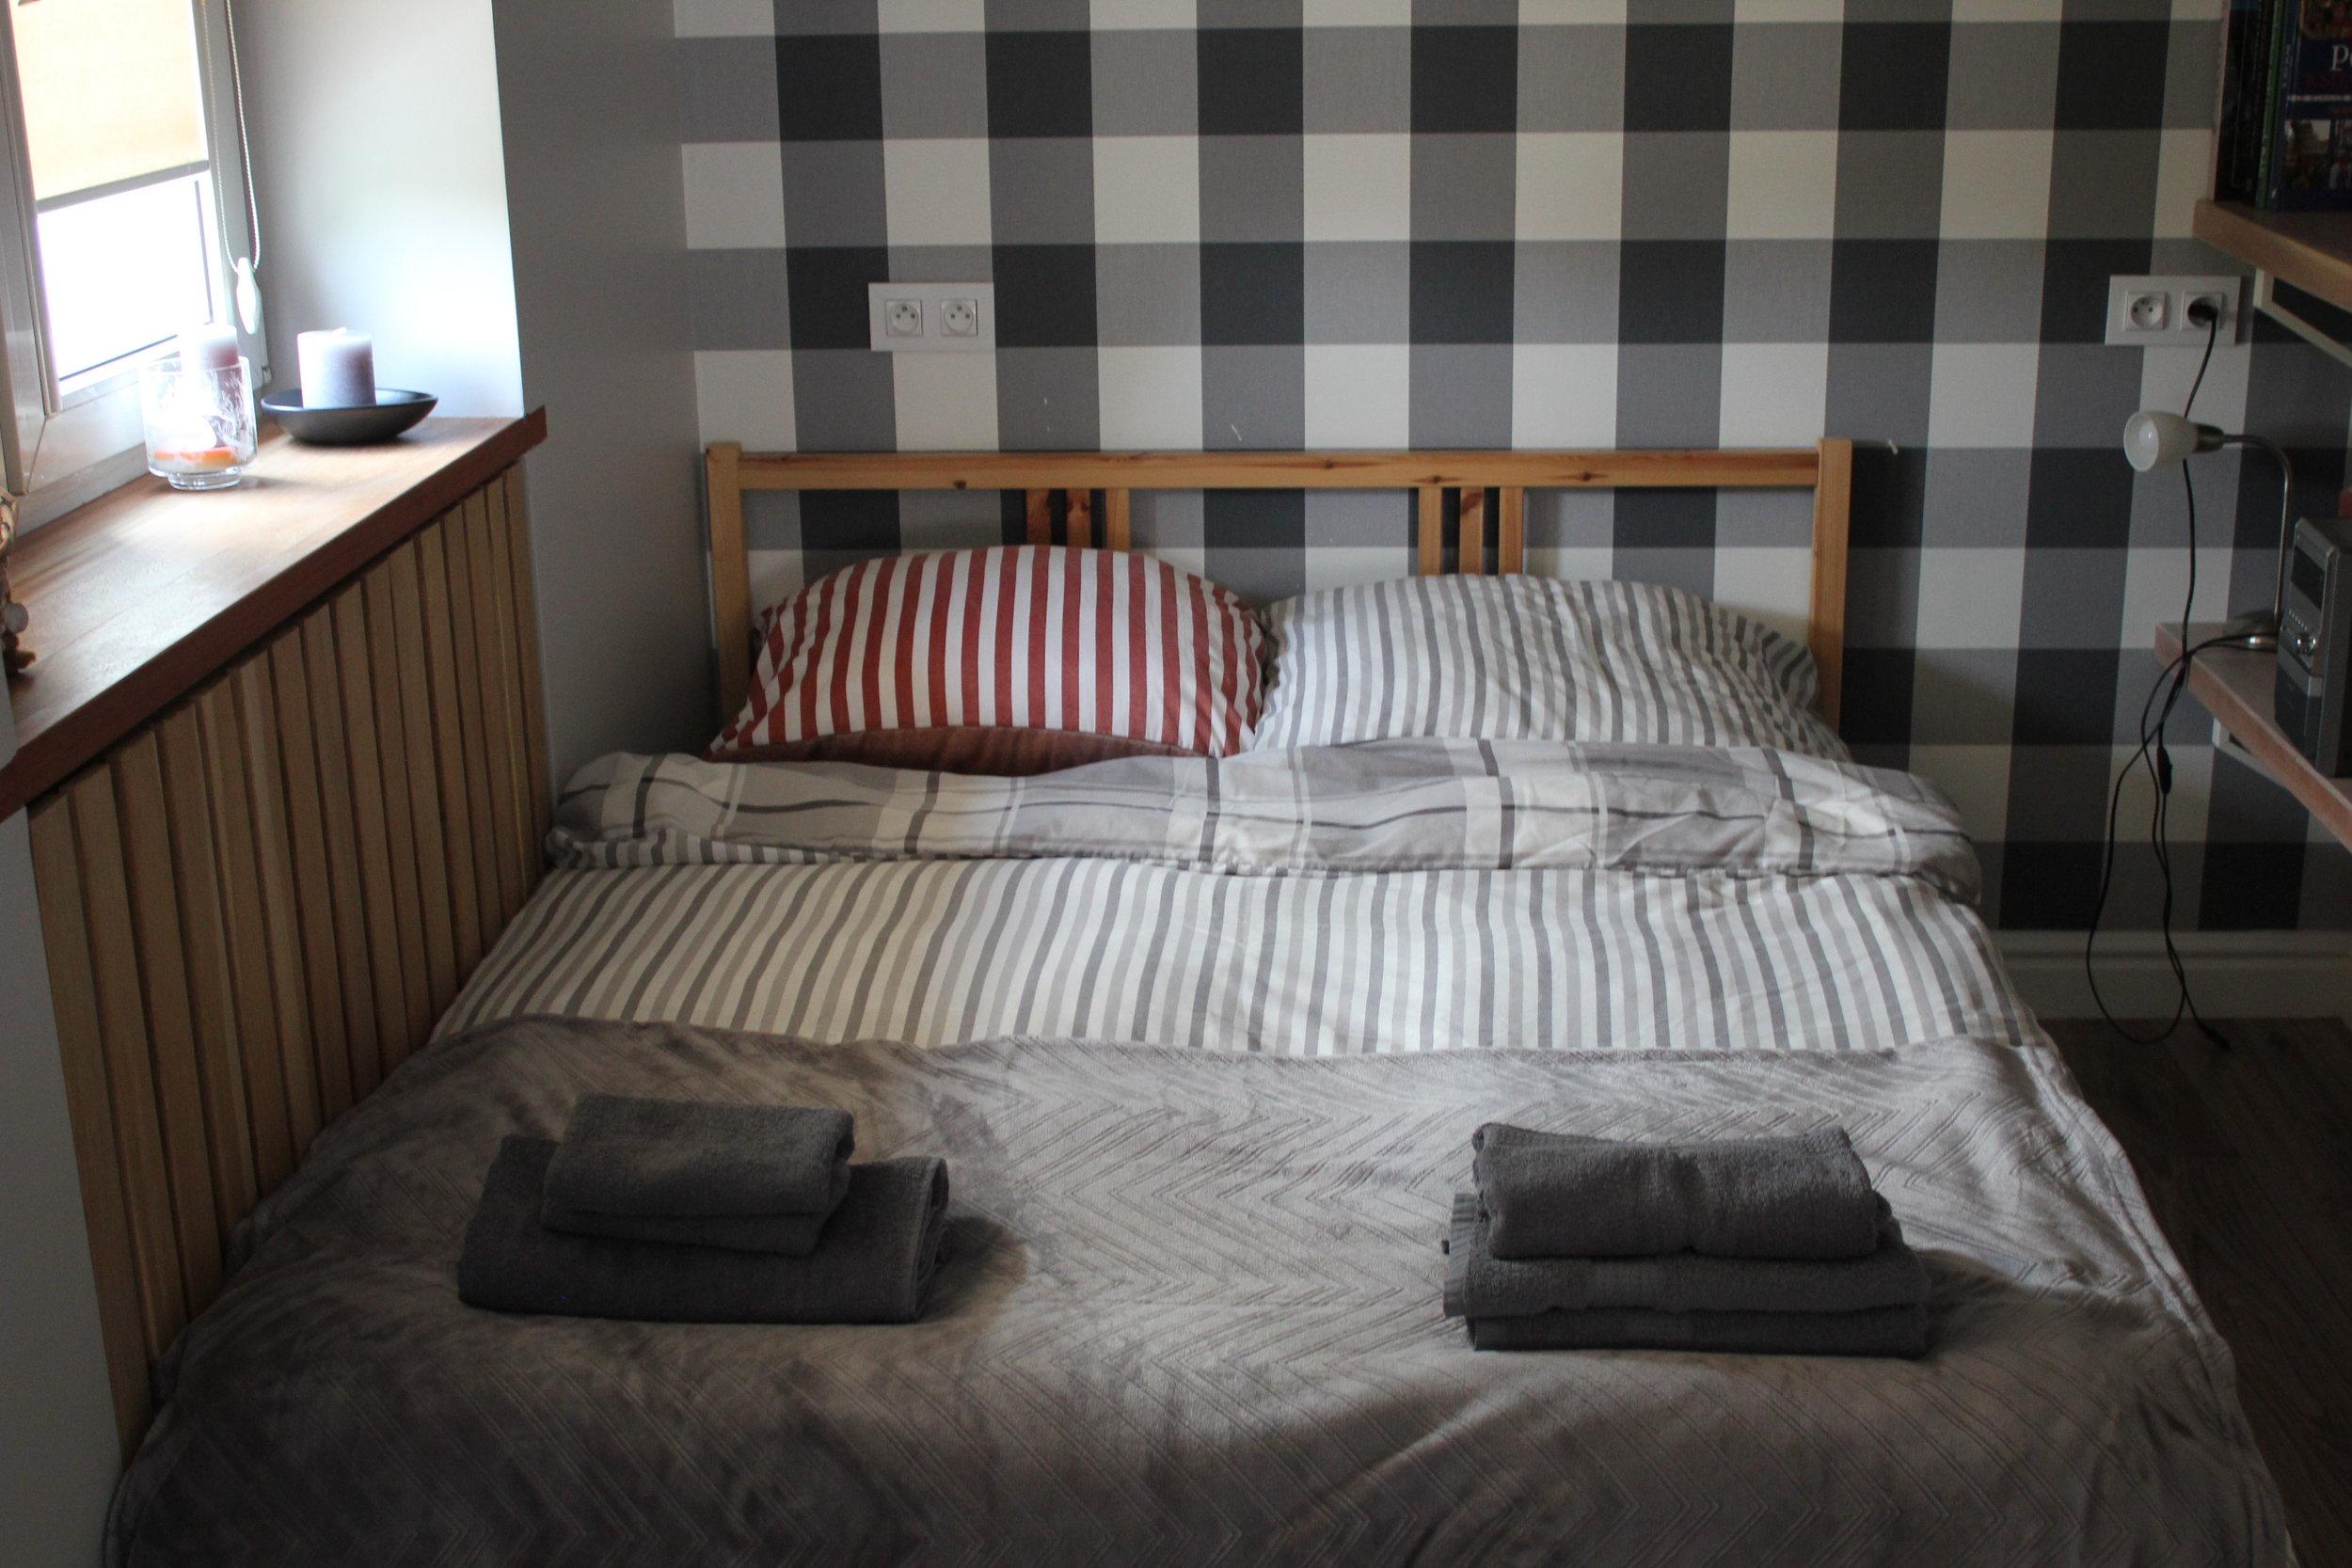 Apartament na Mariensztacie – Bed